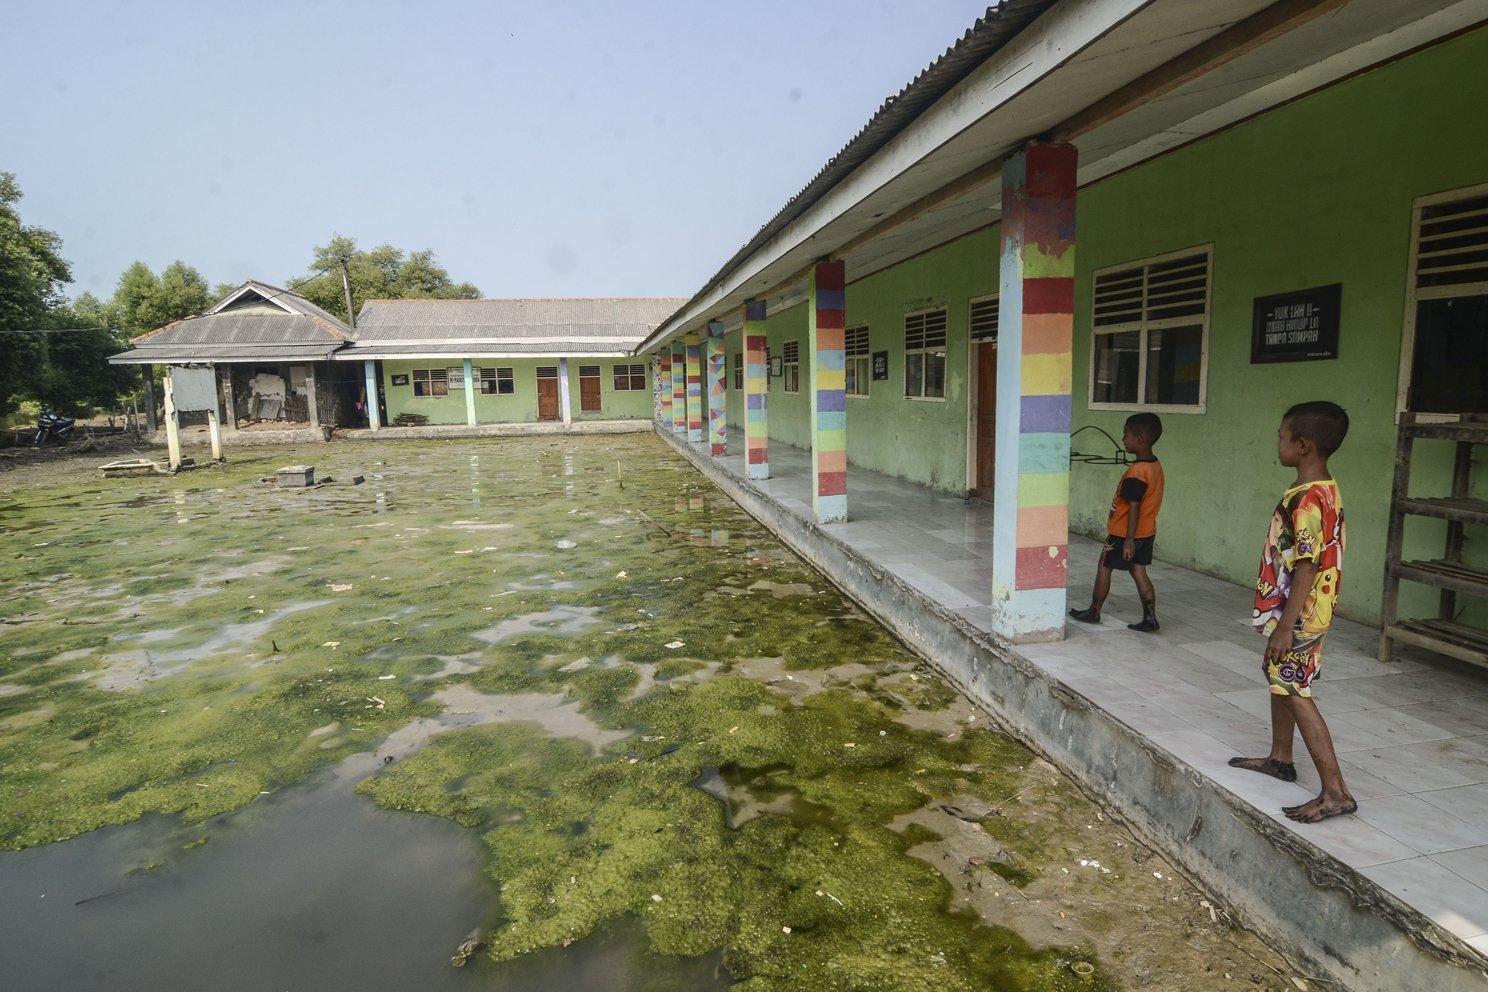 Dua bocah bermain di halaman sekolah yang tergenang banjir rob di Desa Pantai Bahagia, Muaragembong, Kabupaten Bekasi, Jawa Barat, Selasa (6/8/2019). Banjir rob menggenangi sejumlah fasilitas umum yang berada di Desa Bahagia akibat letaknya yang lebih rendah dari permukaan laut.